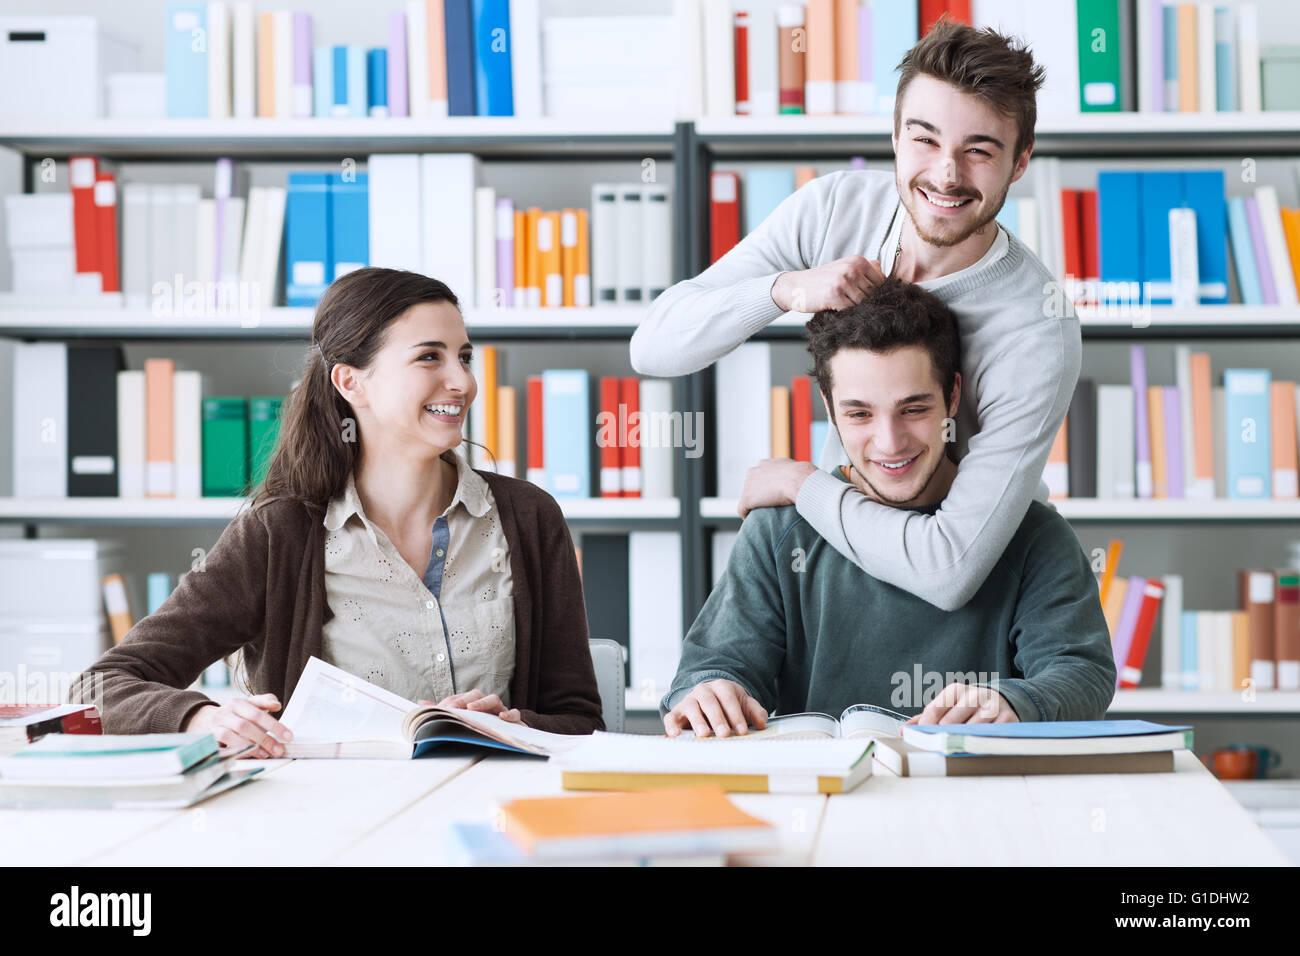 Giocoso schoolmates studiando insieme alla biblioteca, di stare insieme e di concetto di amicizia Immagini Stock